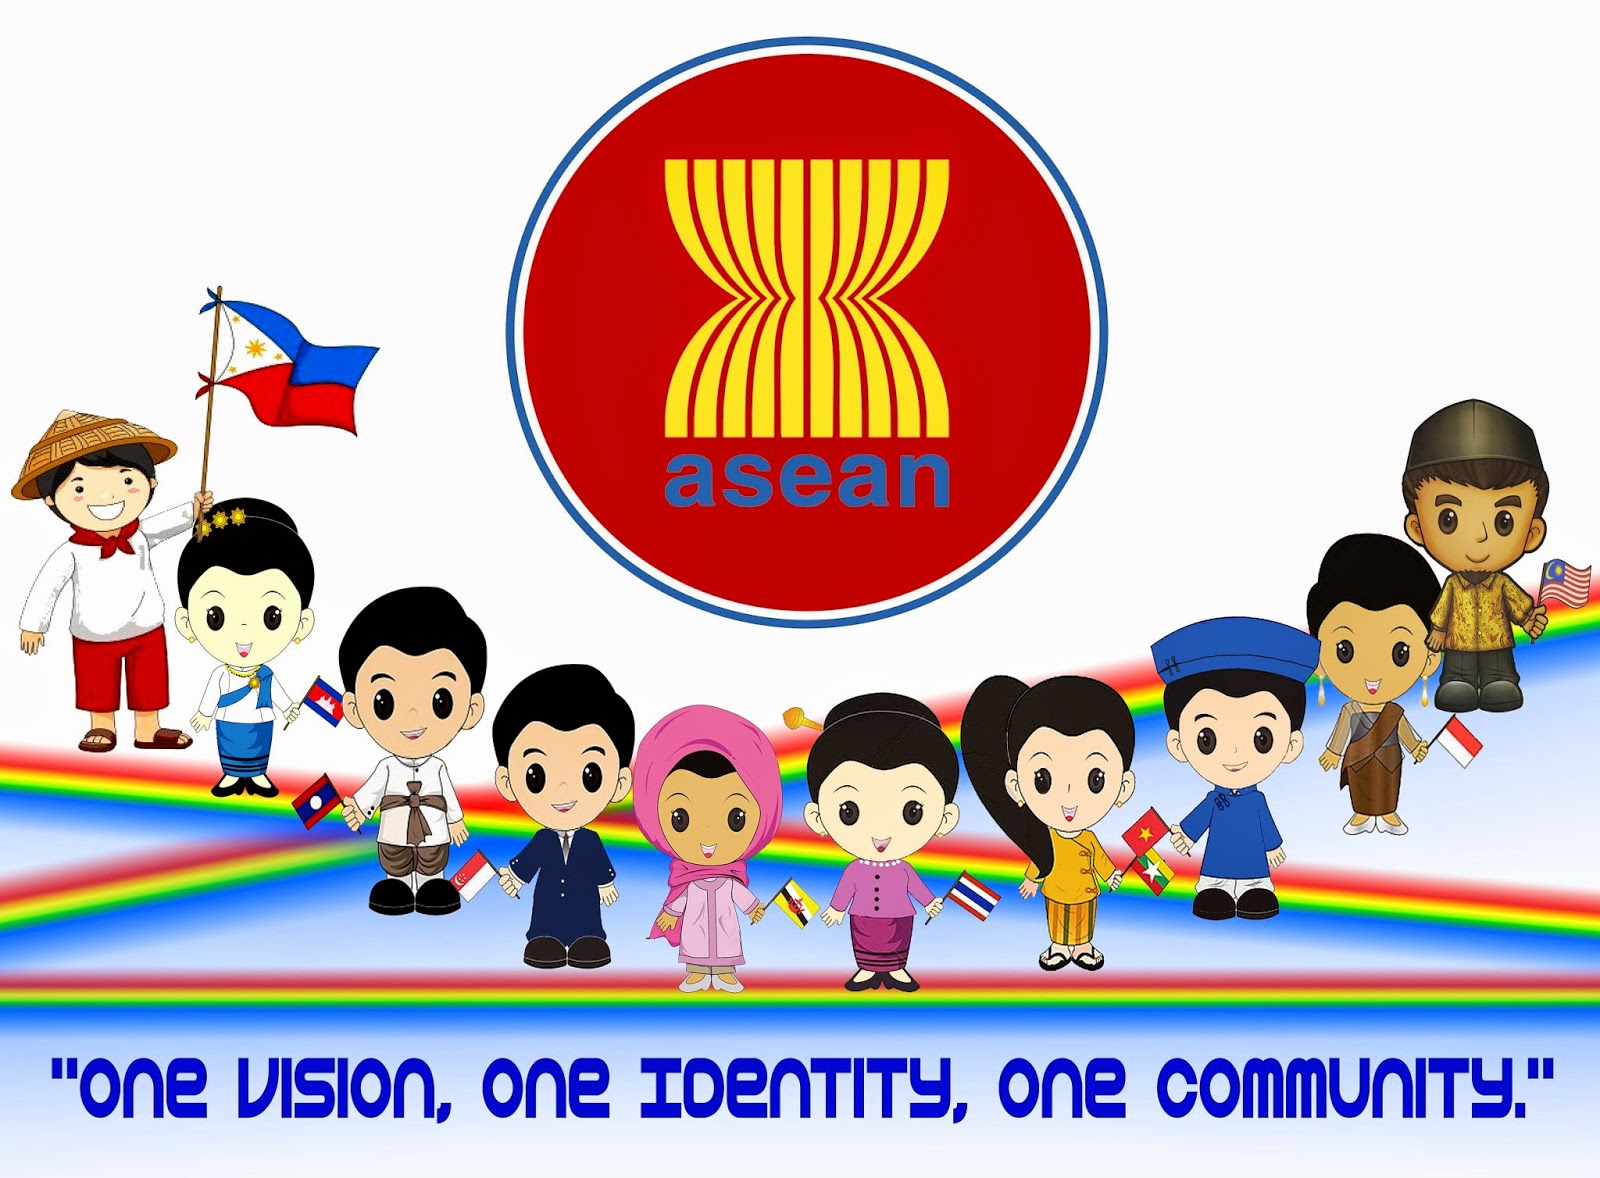 ASEAN-logo-One-community